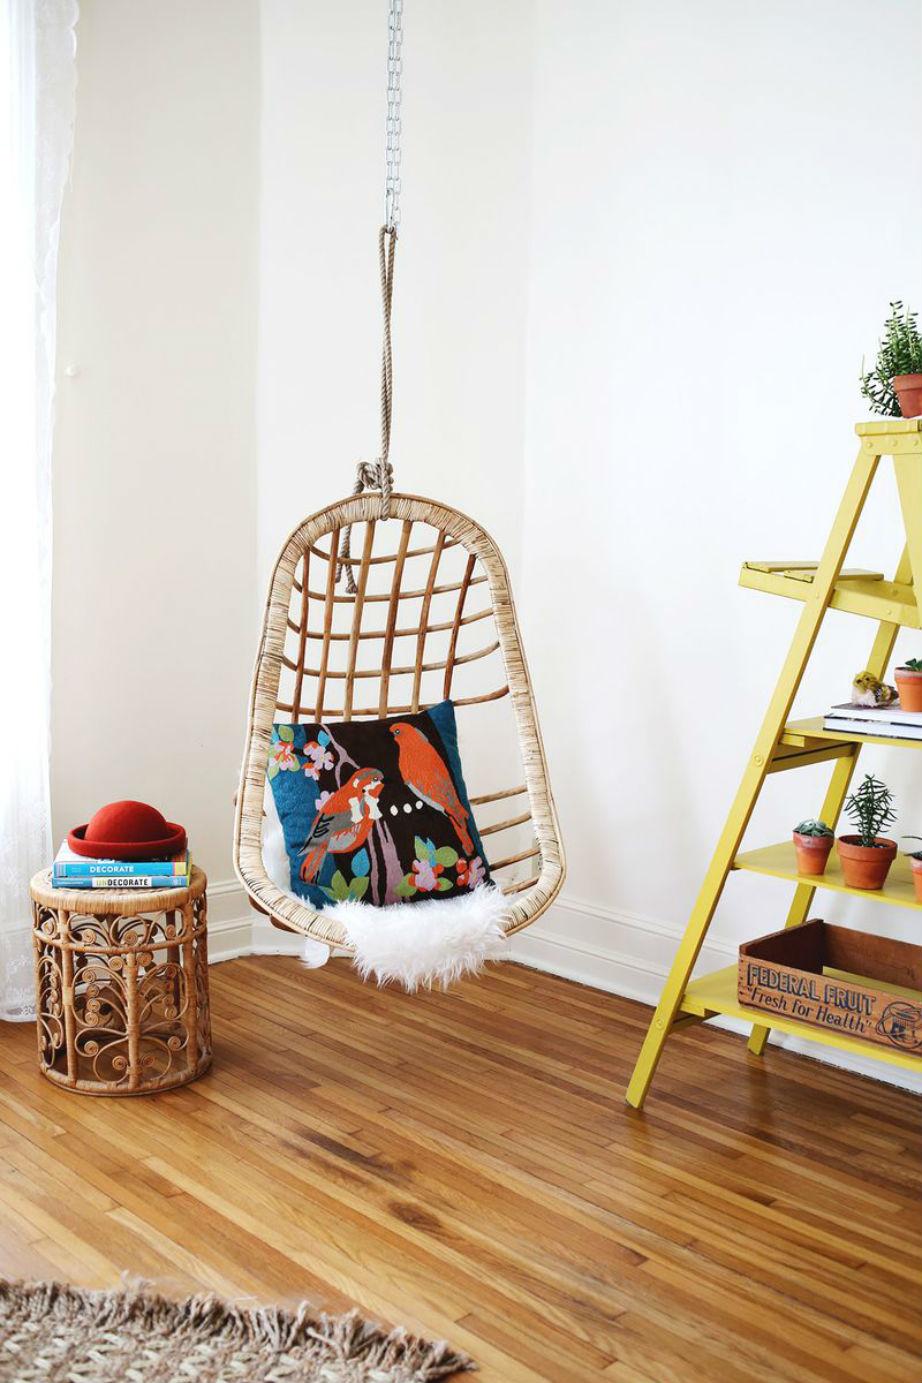 Τα έπιπλα εξωτερικού χώρου θα φέρουν την άνοιξη και την πολυπόθητη ανανέωση στο χώρο σας.